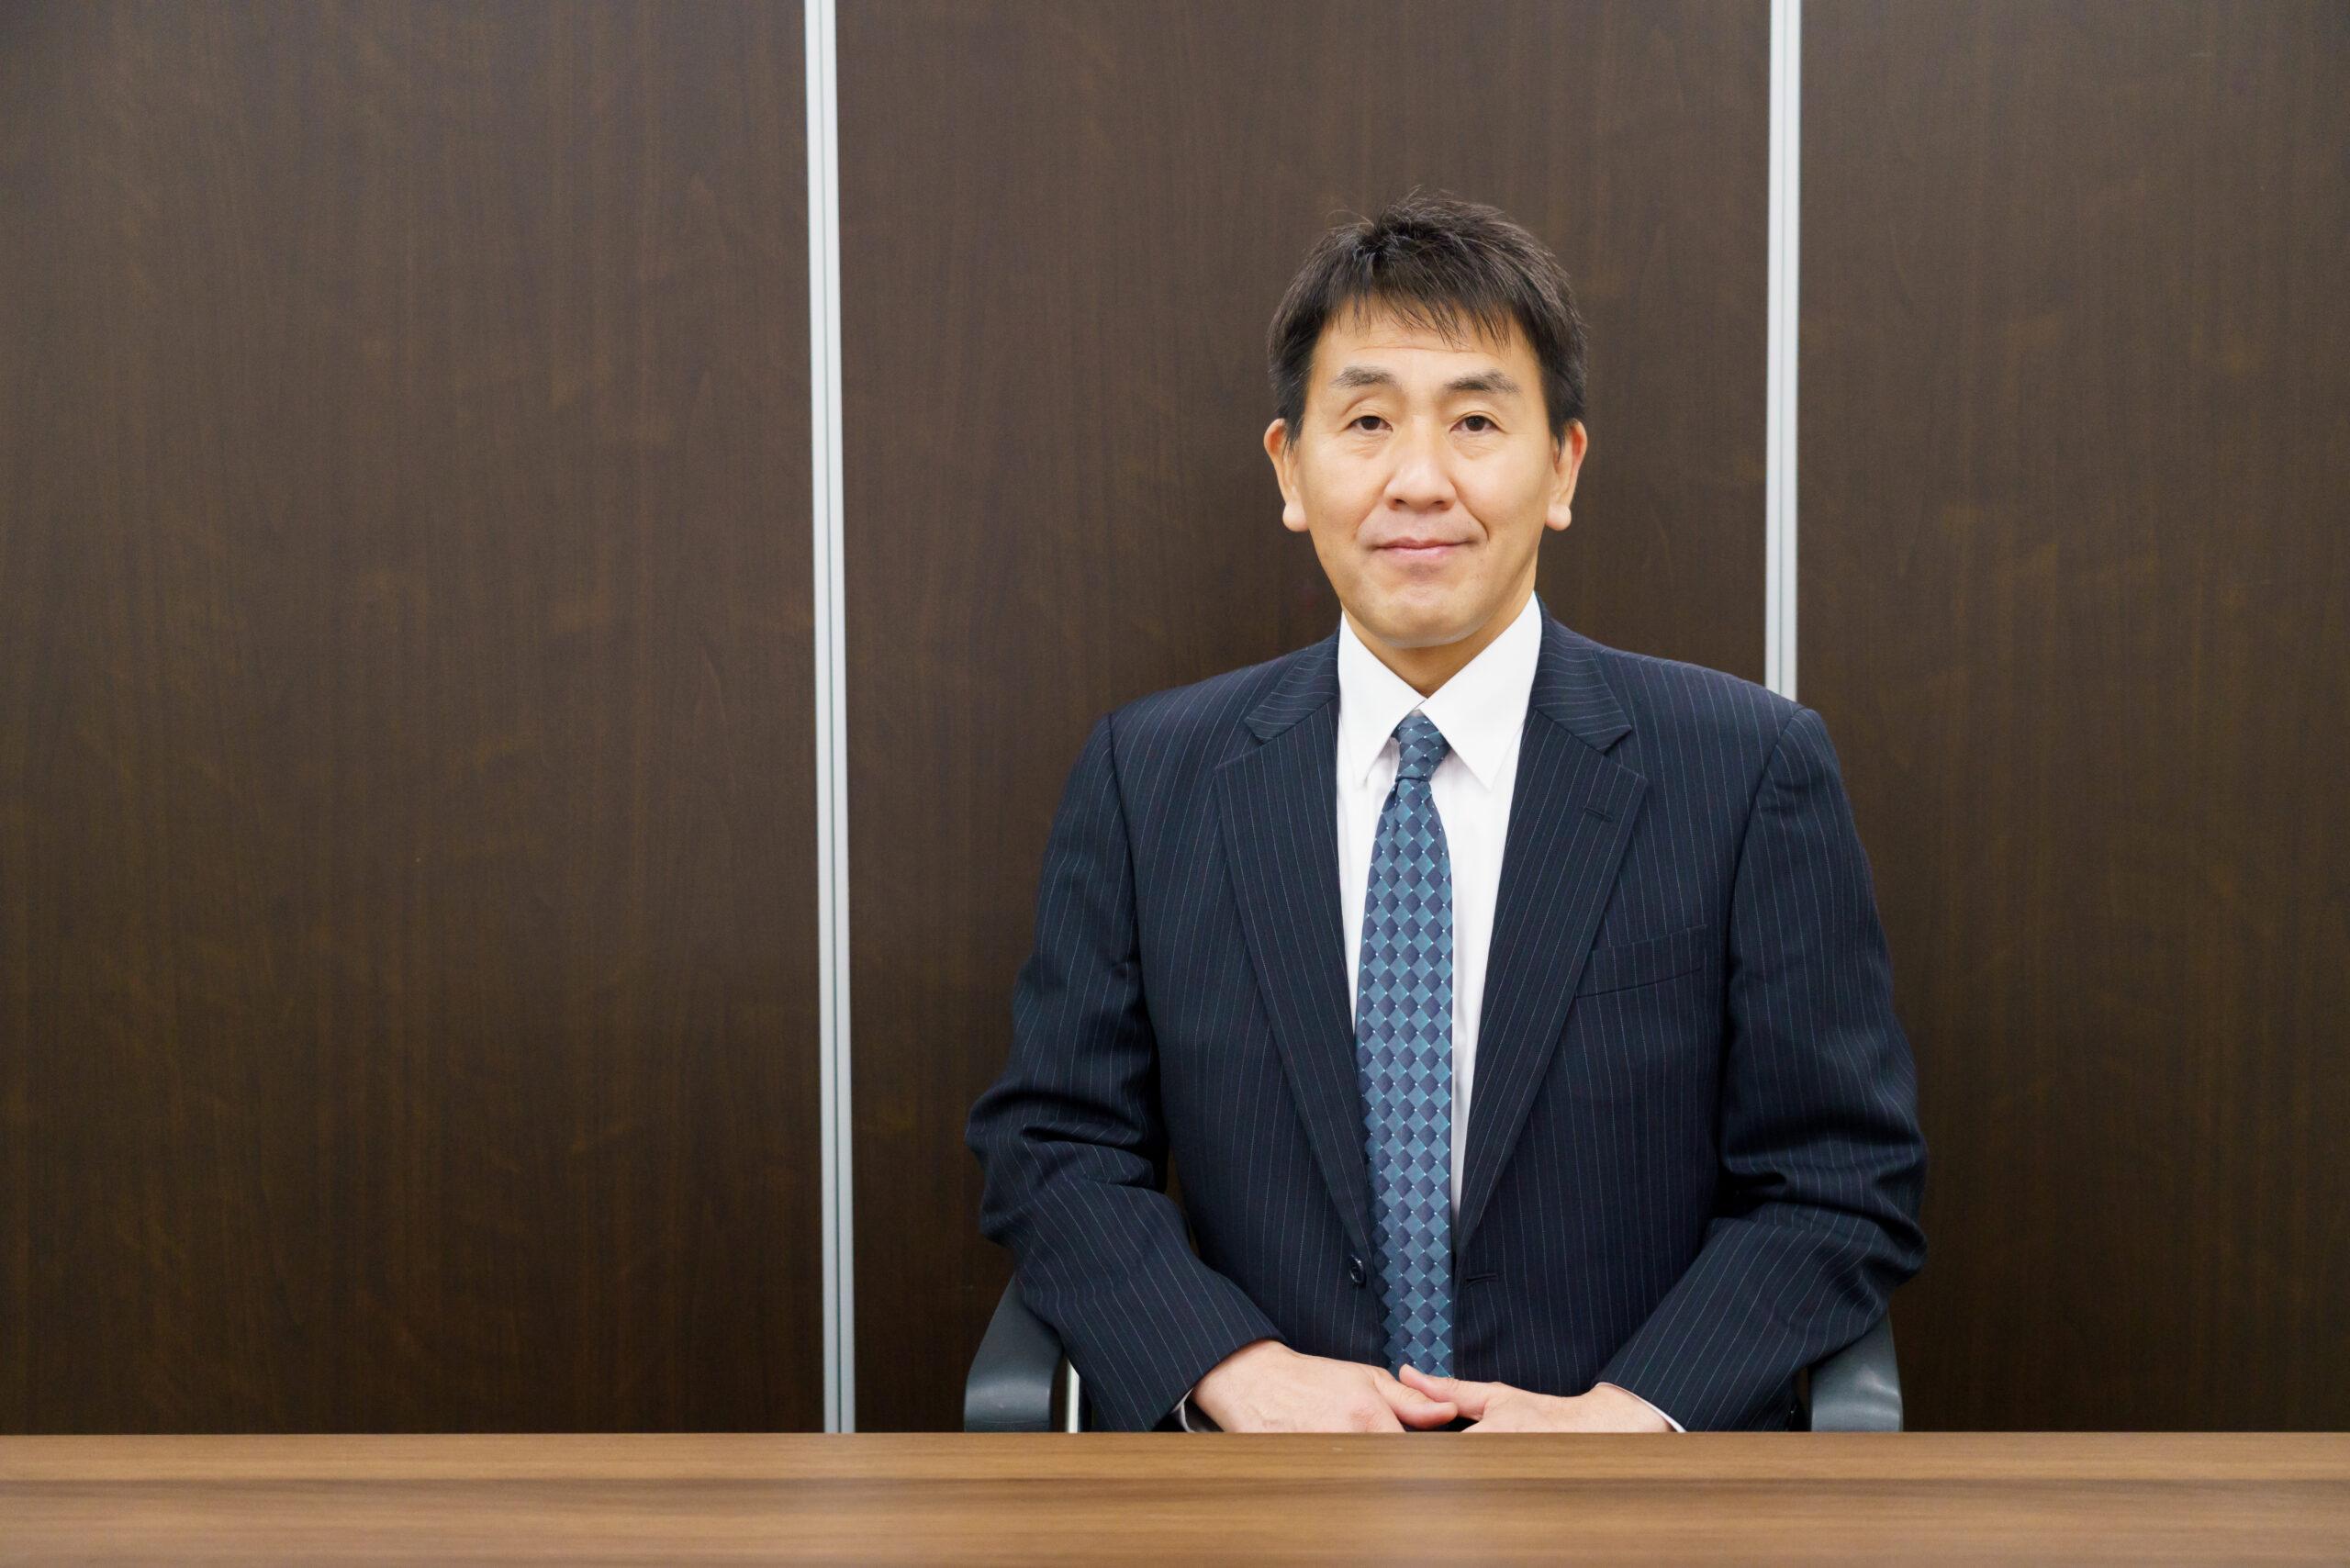 有限会社ラインドック代表取締役鳥倉孝盛